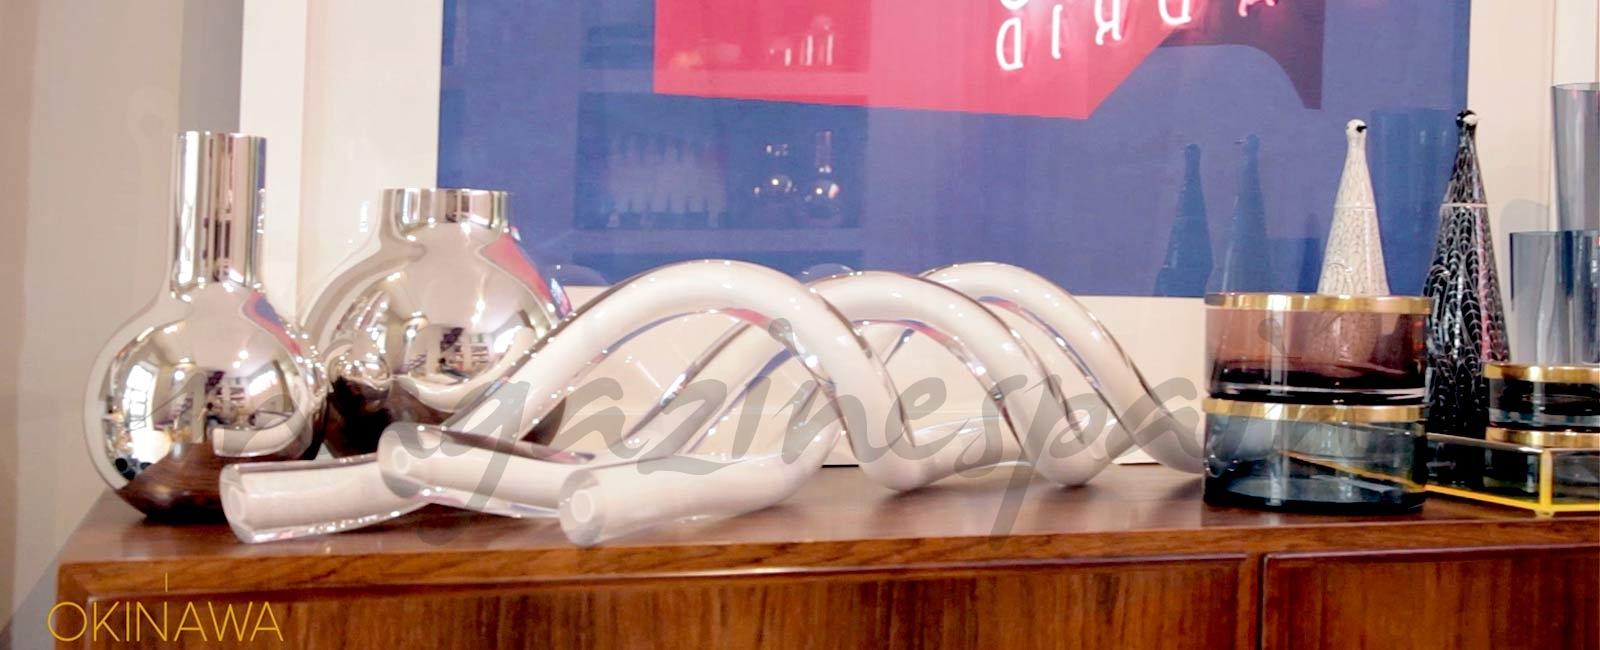 """Fran Larrañaga en """"Eamsee"""", el diseño y el arte están """"de moda"""""""